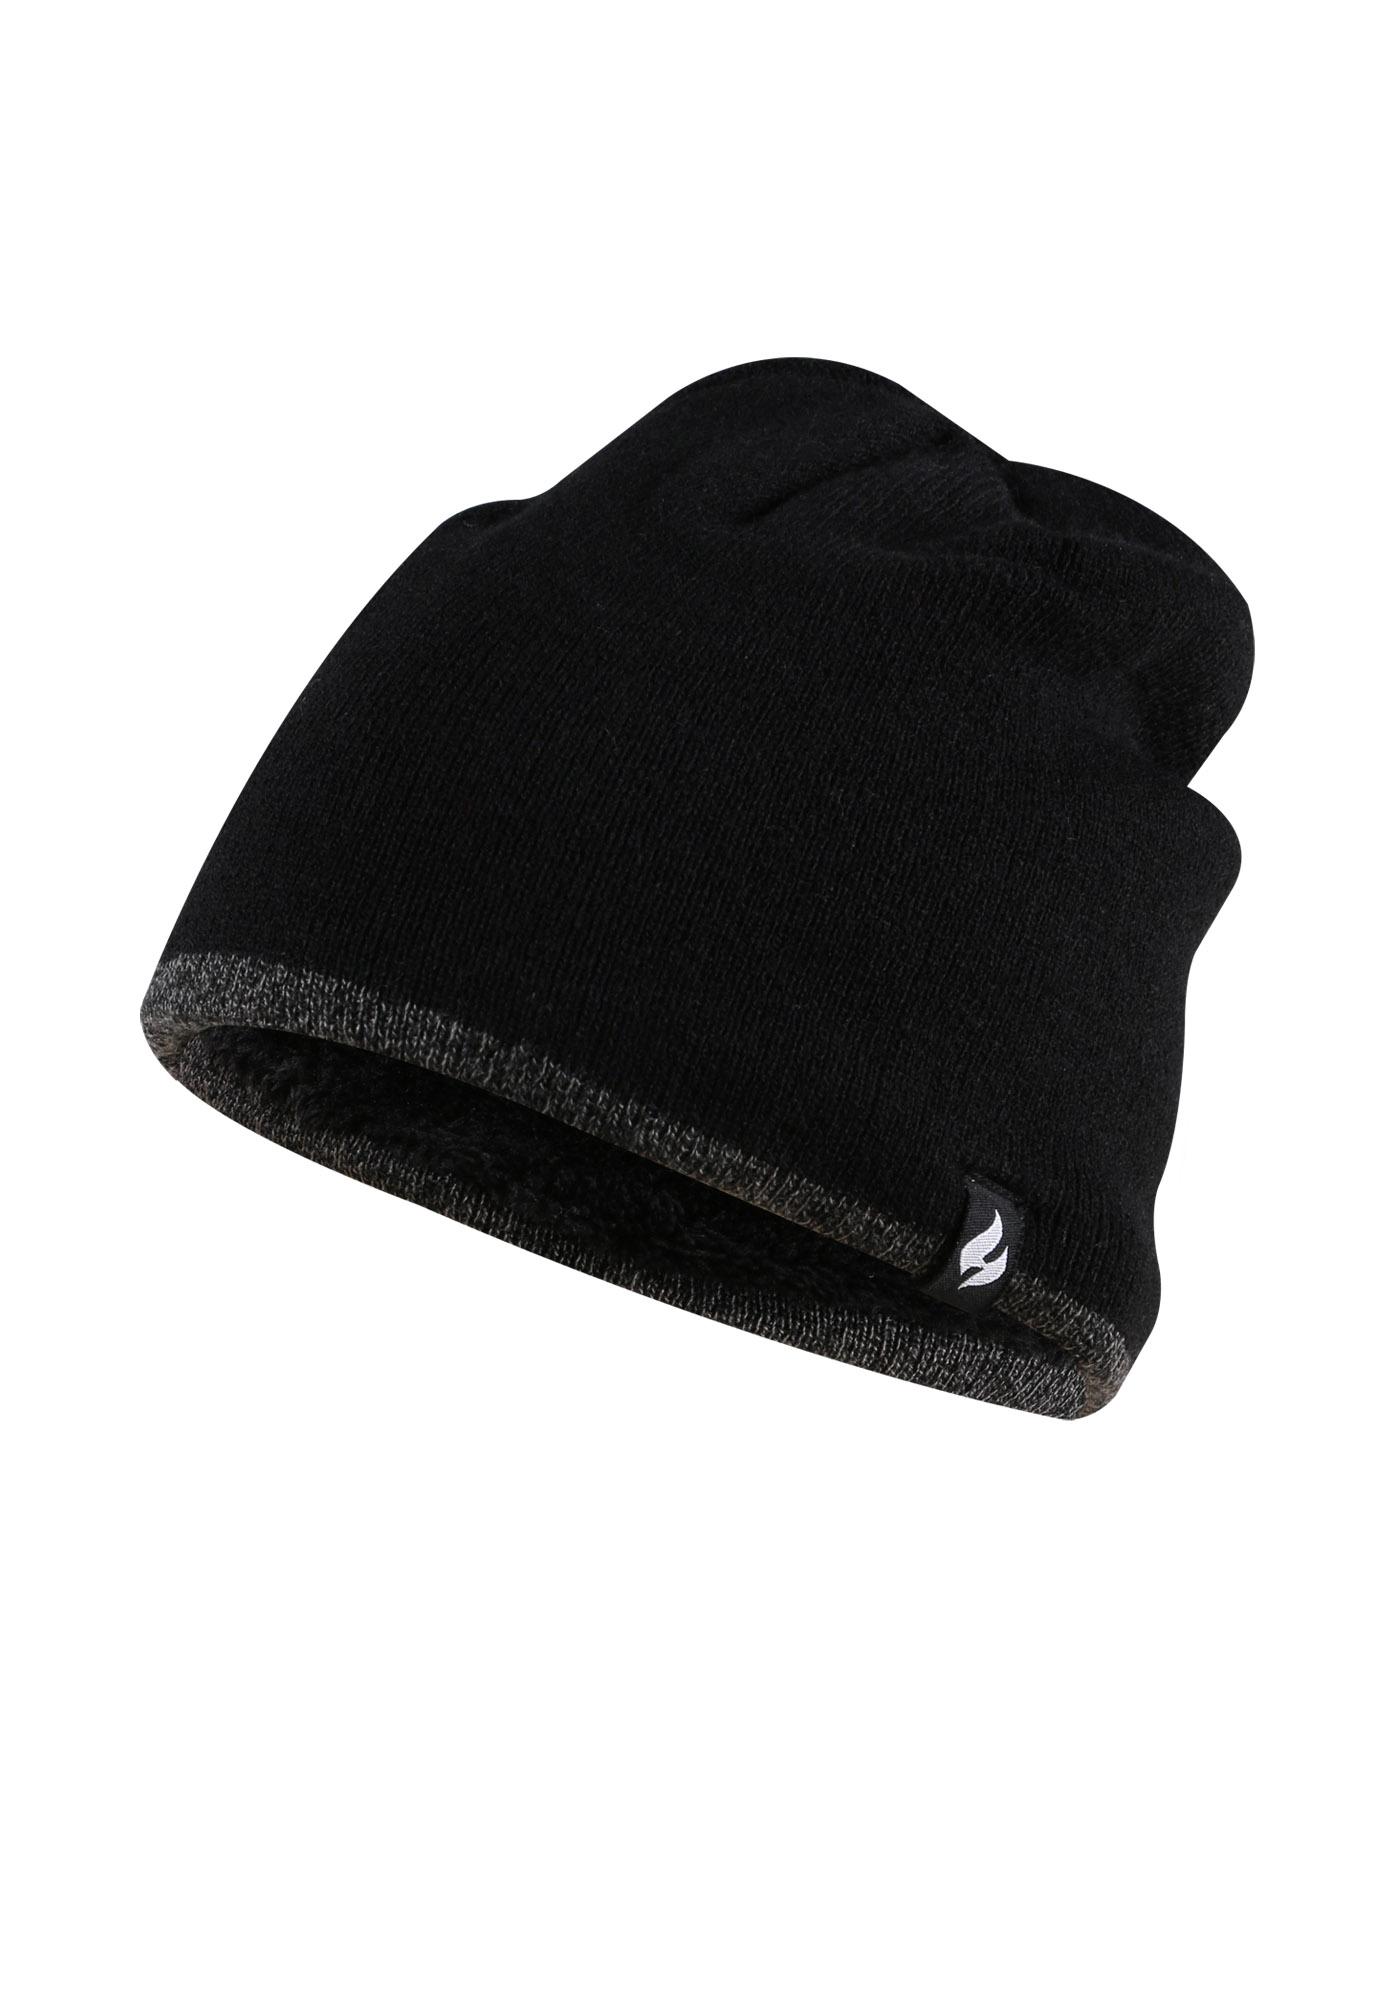 91ae30c3704 Men s Thermal Hat